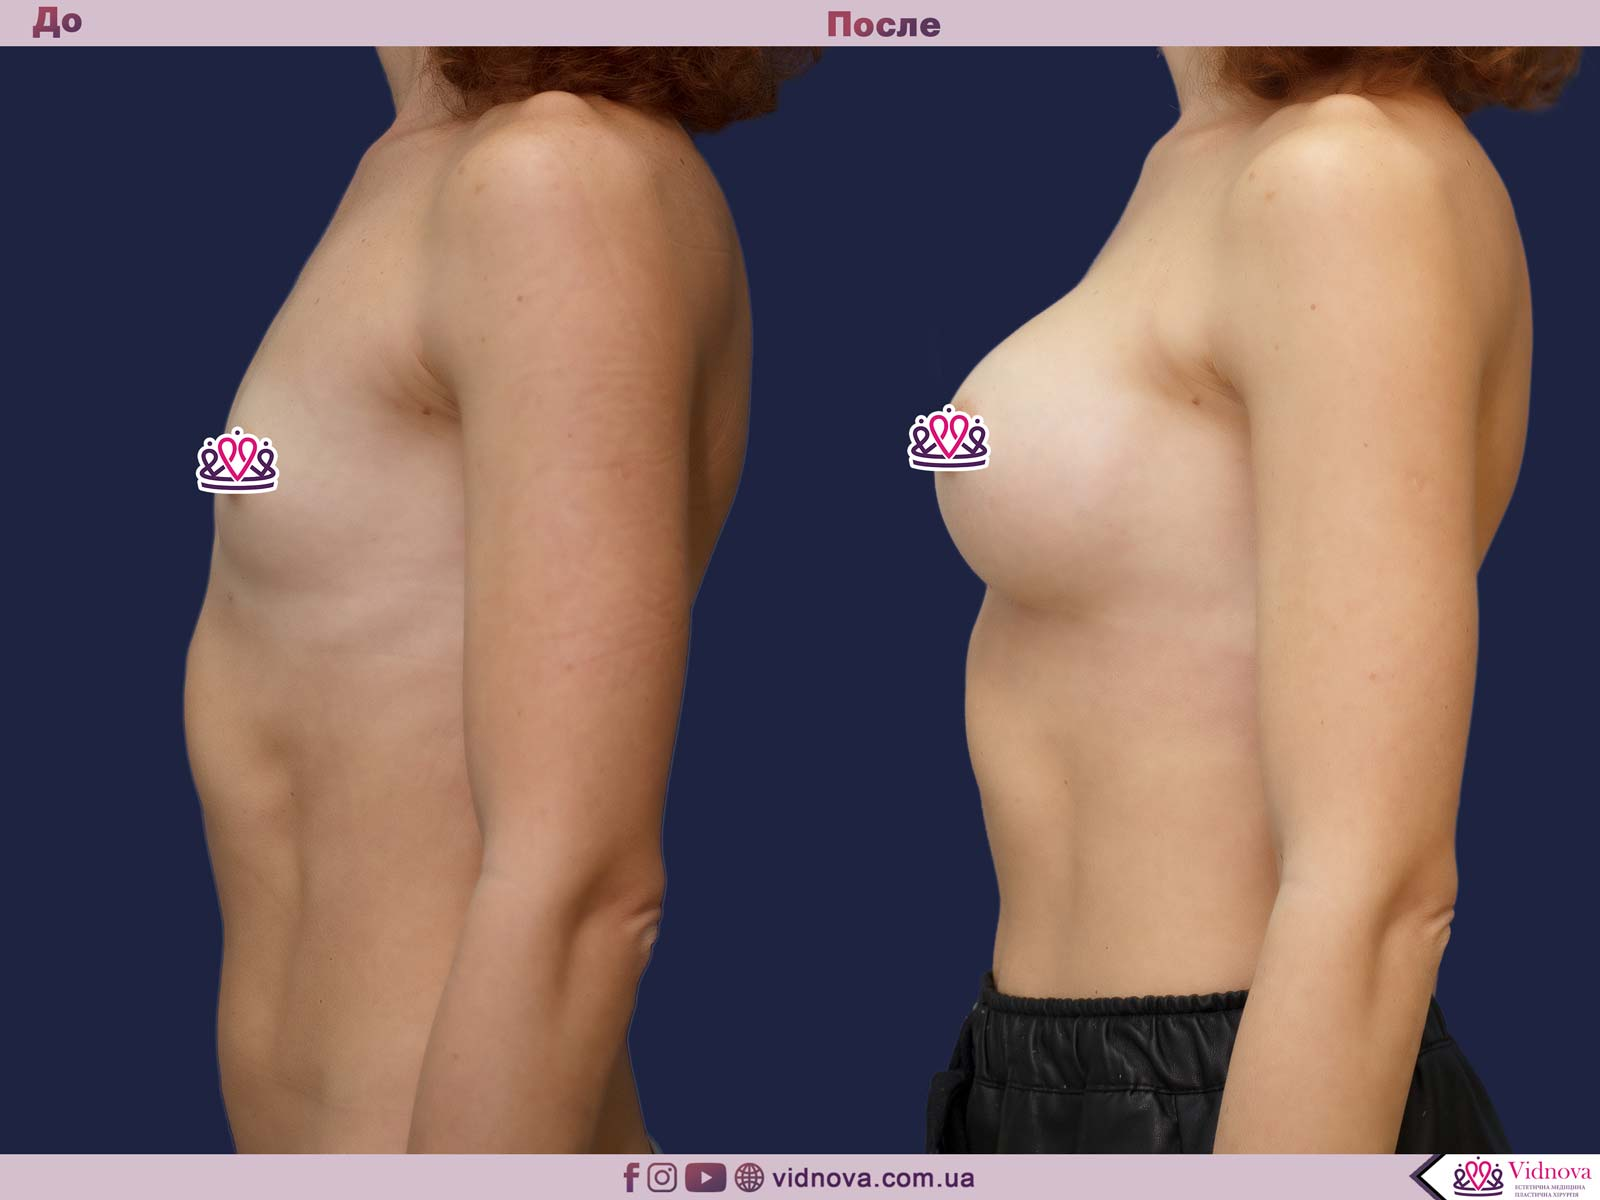 Пластика груди: результаты до и после - Пример №28-2 - Светлана Работенко